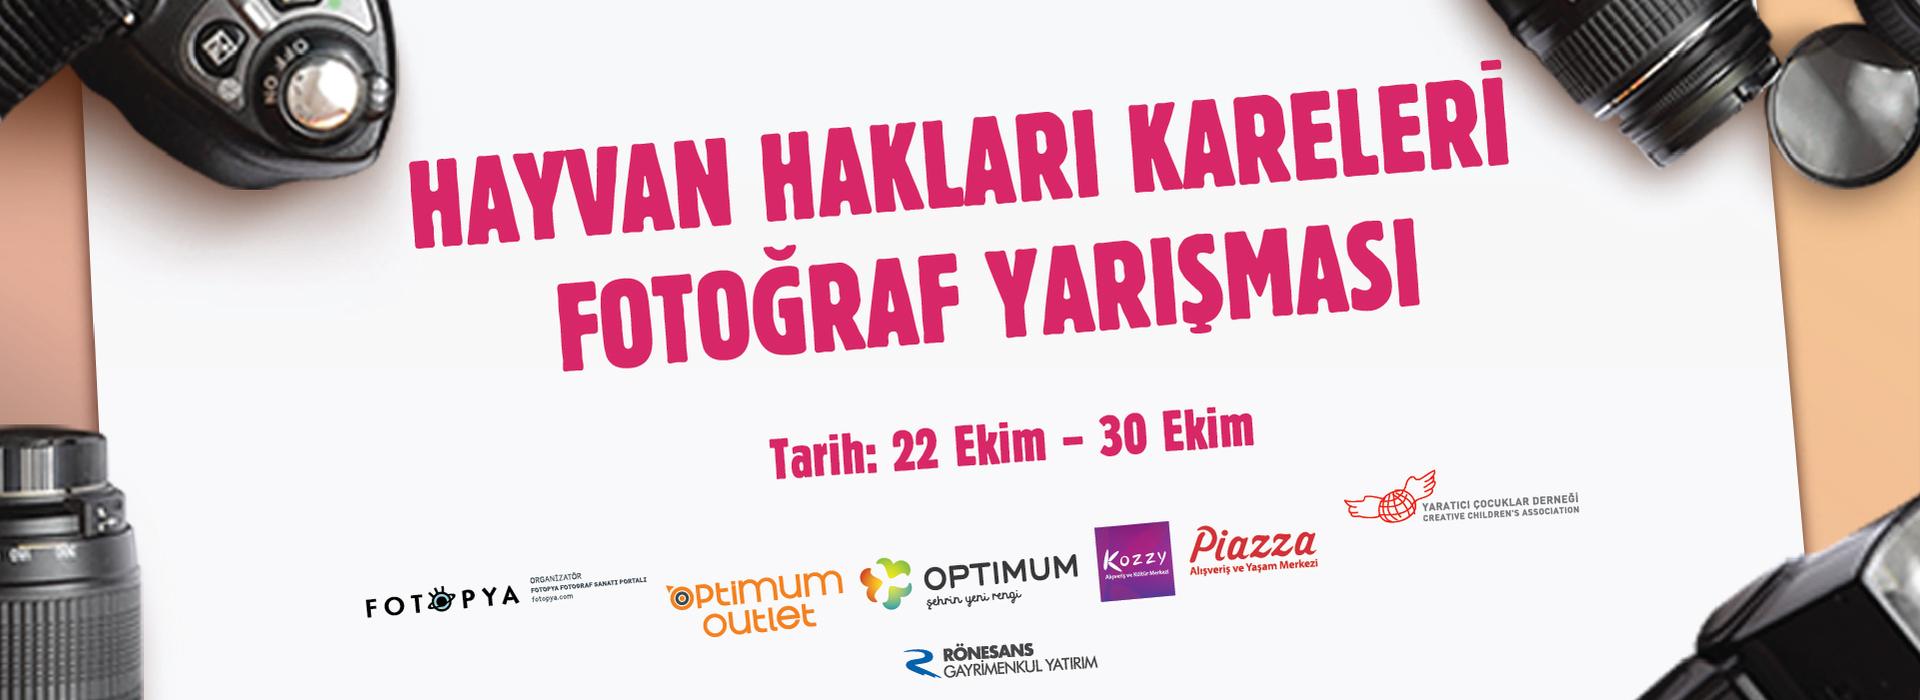 Hayvan Hakları Kareleri Fotoğraf Yarışması